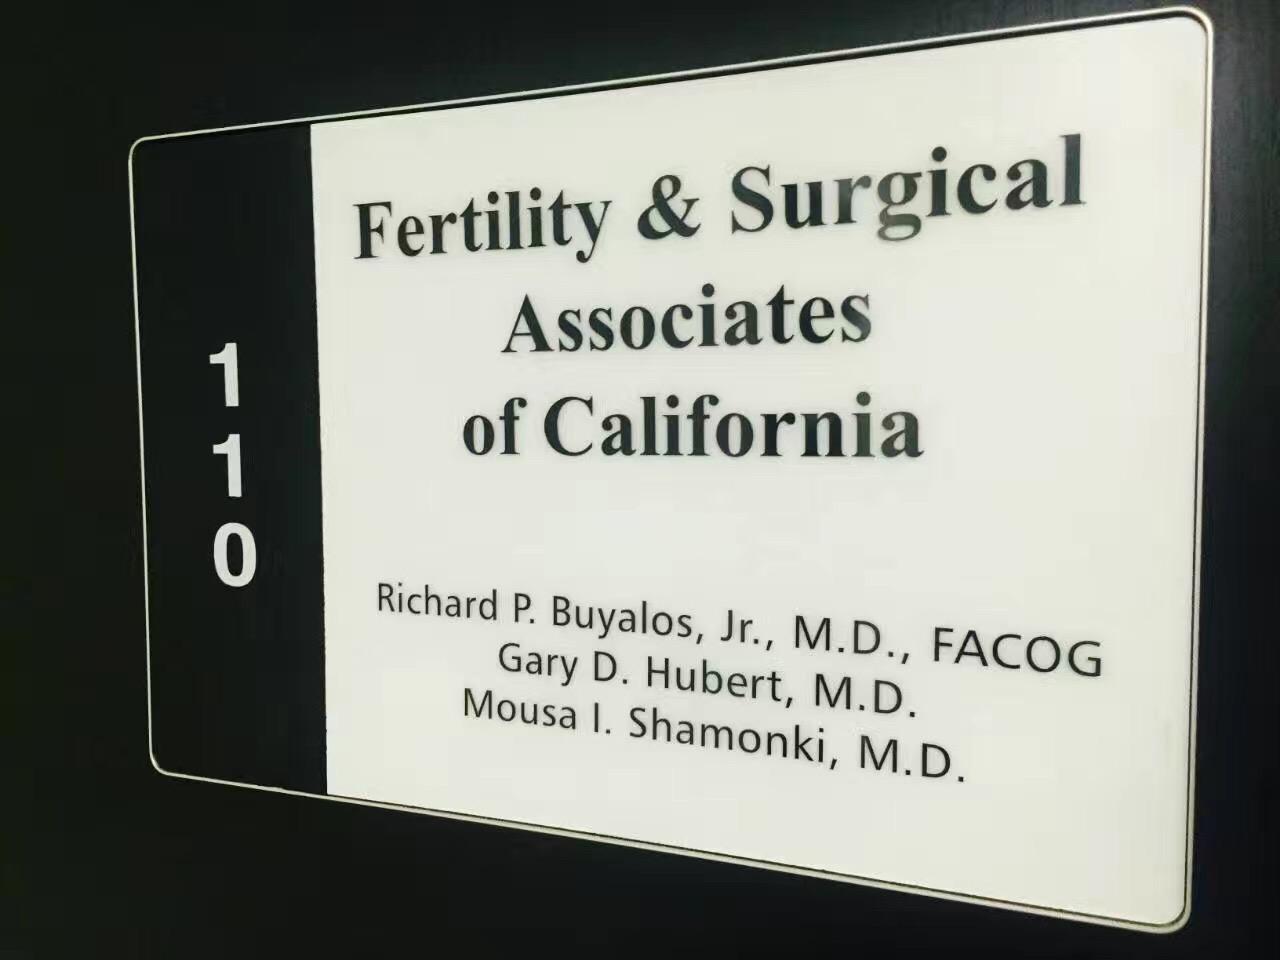 美国试管婴儿医院FSAC生殖中心:加州大龄试管婴儿成功率高6